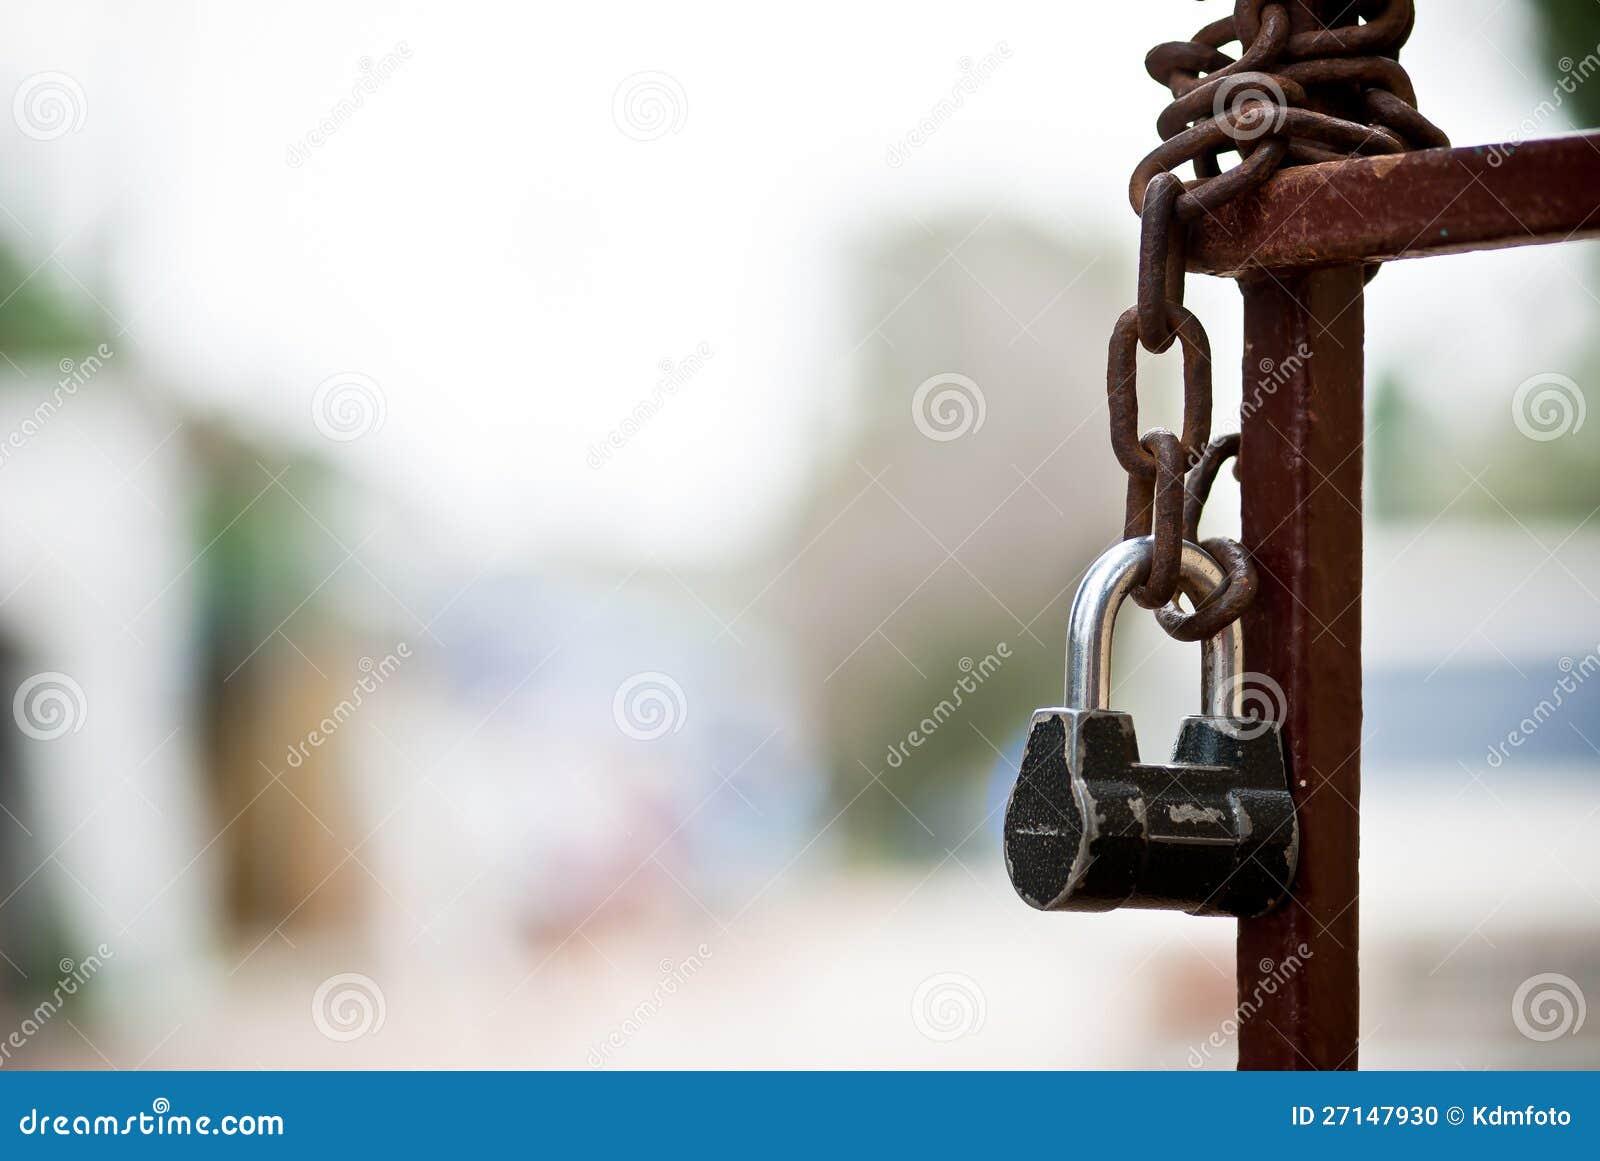 Zaun Mit Kette Und Verriegelung Stockfoto - Bild von ...